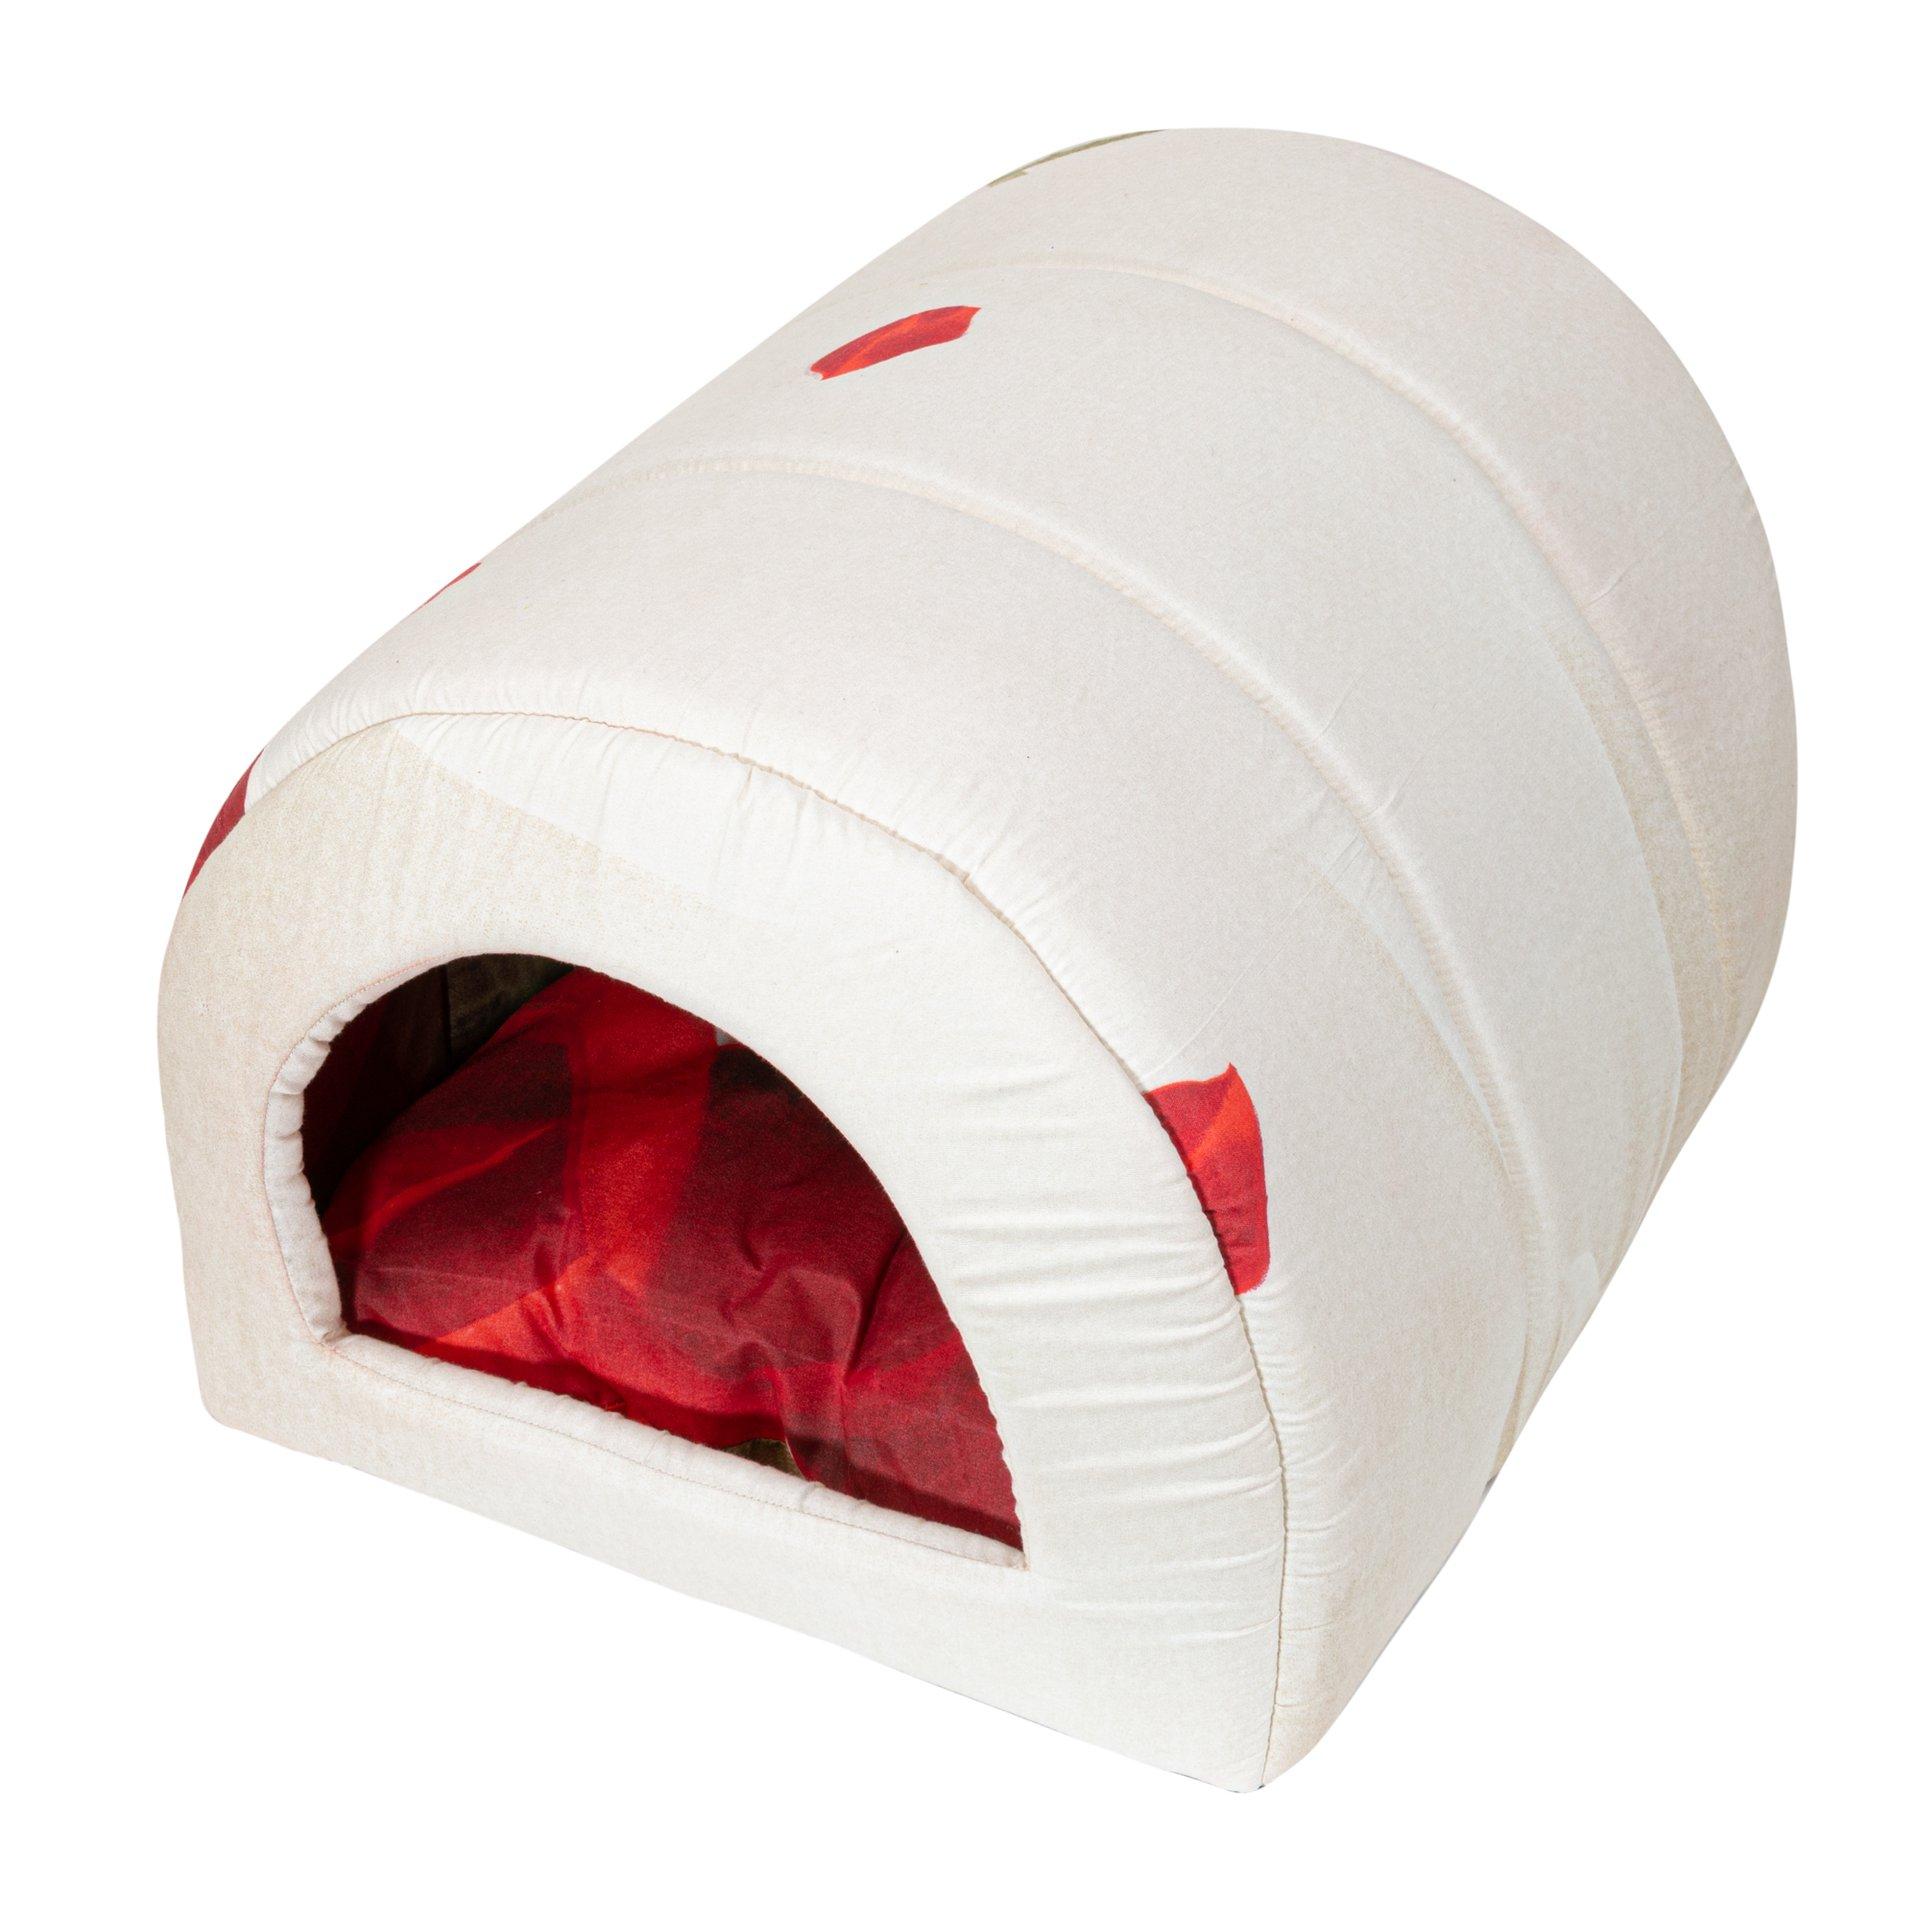 Домик для кошек и собак Xody Тоннель №2, эконом, белый, красный, 50x32x30см